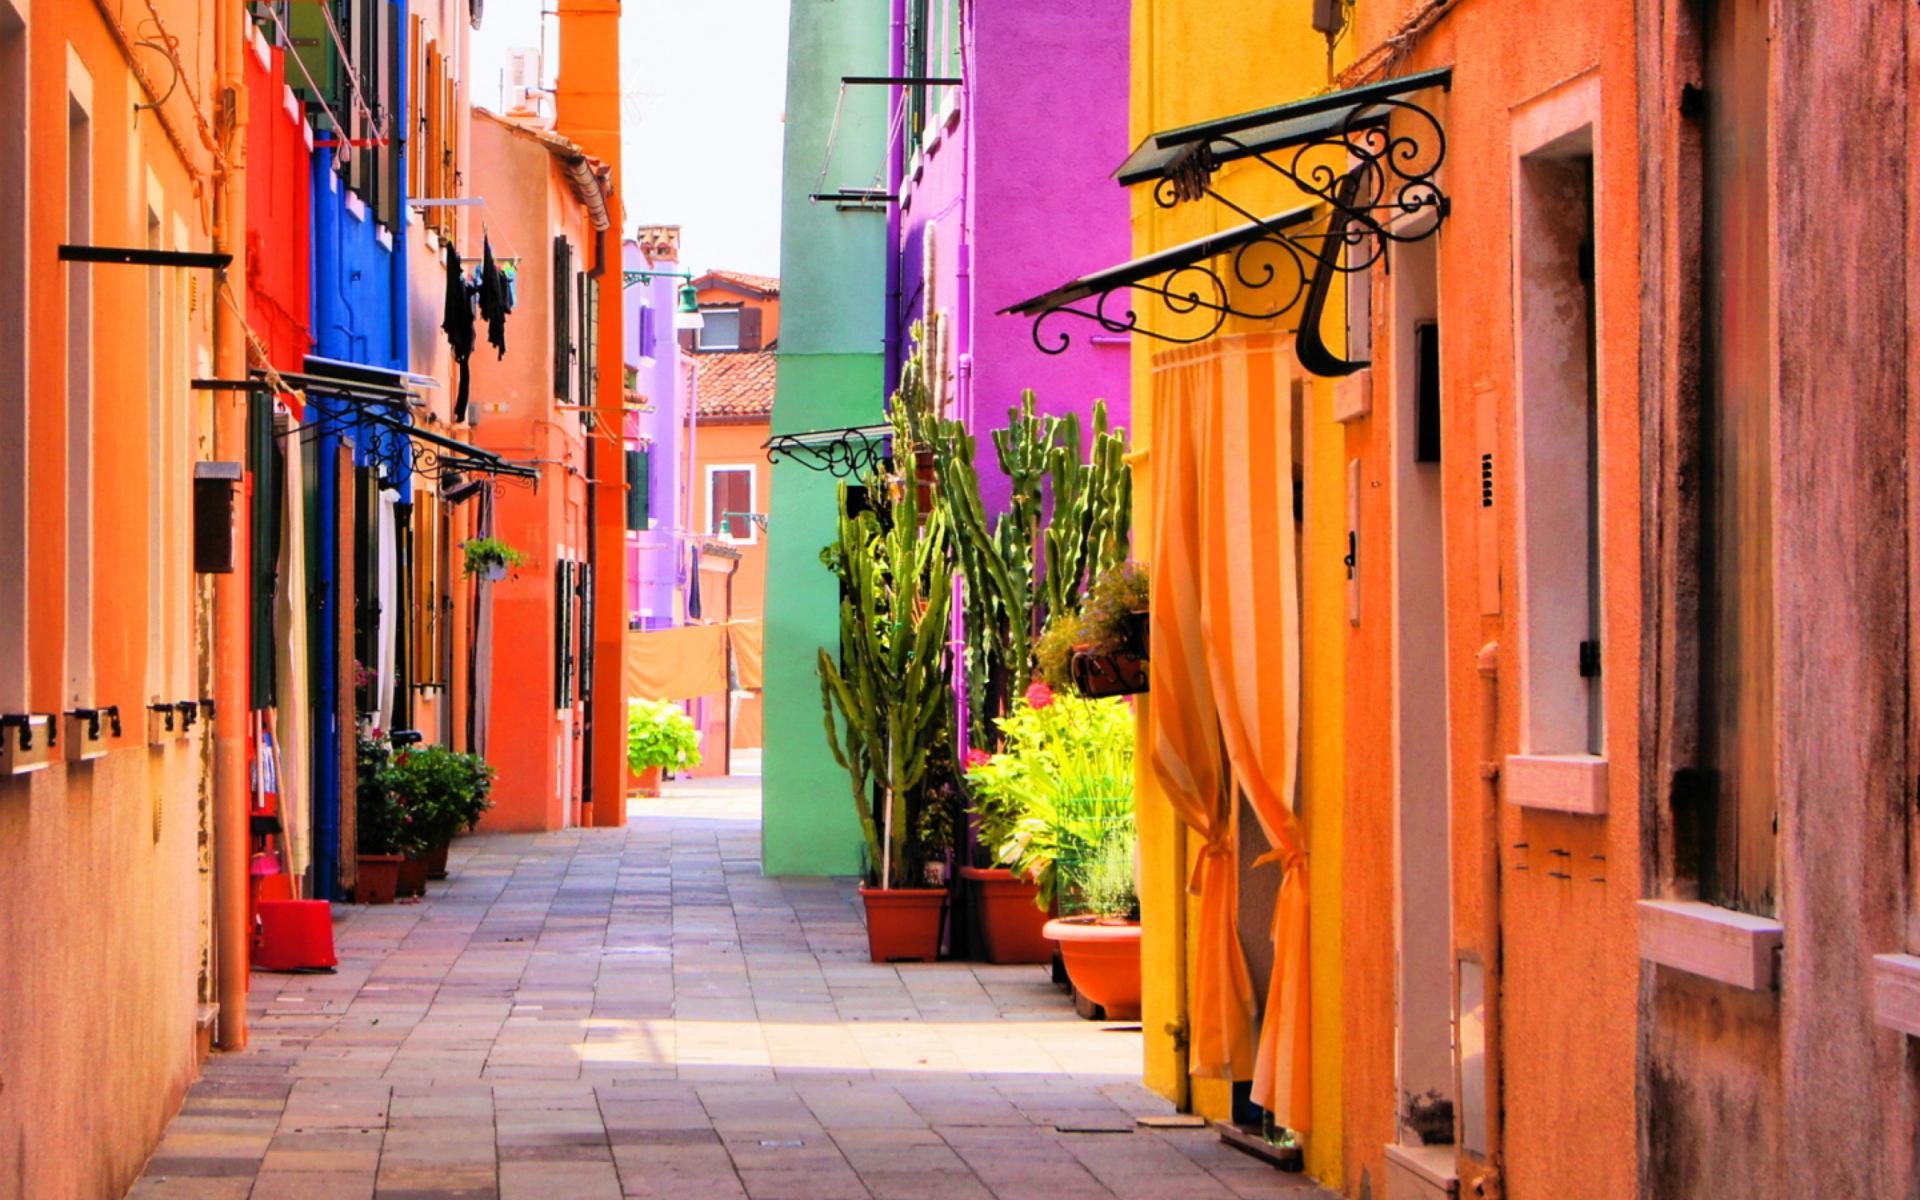 Beautiful Italy Street para Widescreen Desktop PC 1920x1080 Full HD